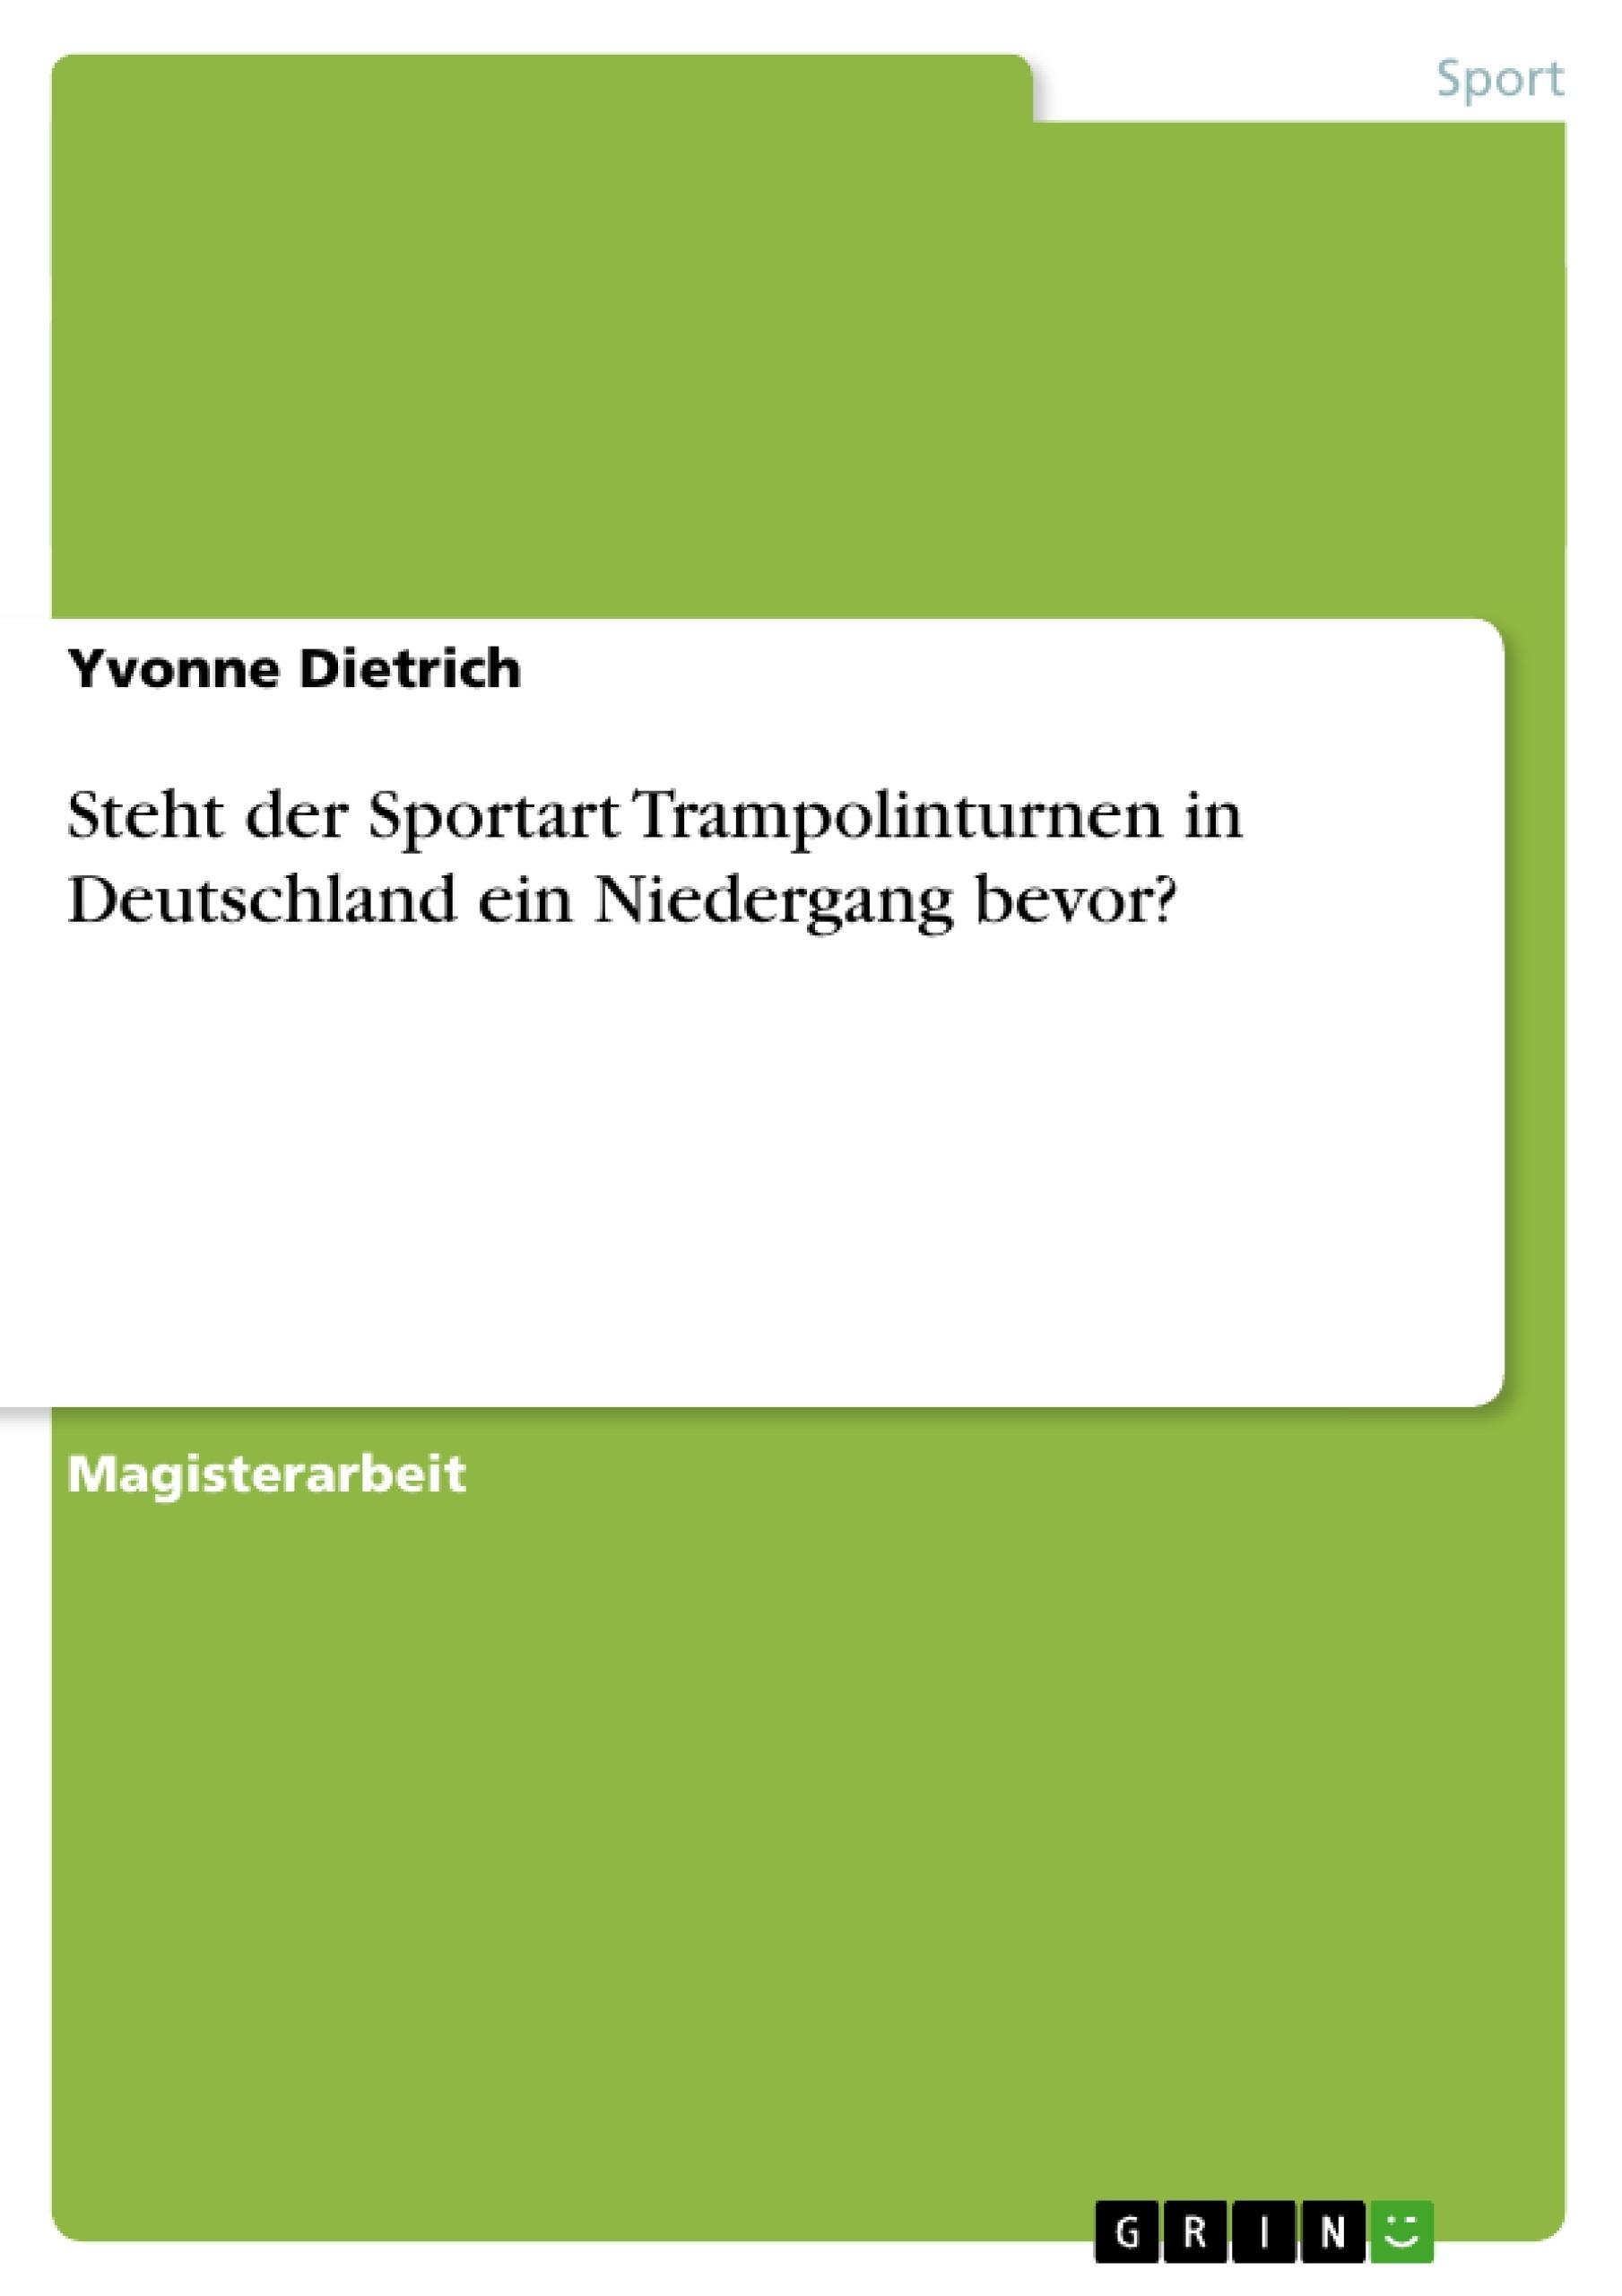 Titel: Steht der Sportart Trampolinturnen in Deutschland ein Niedergang bevor?